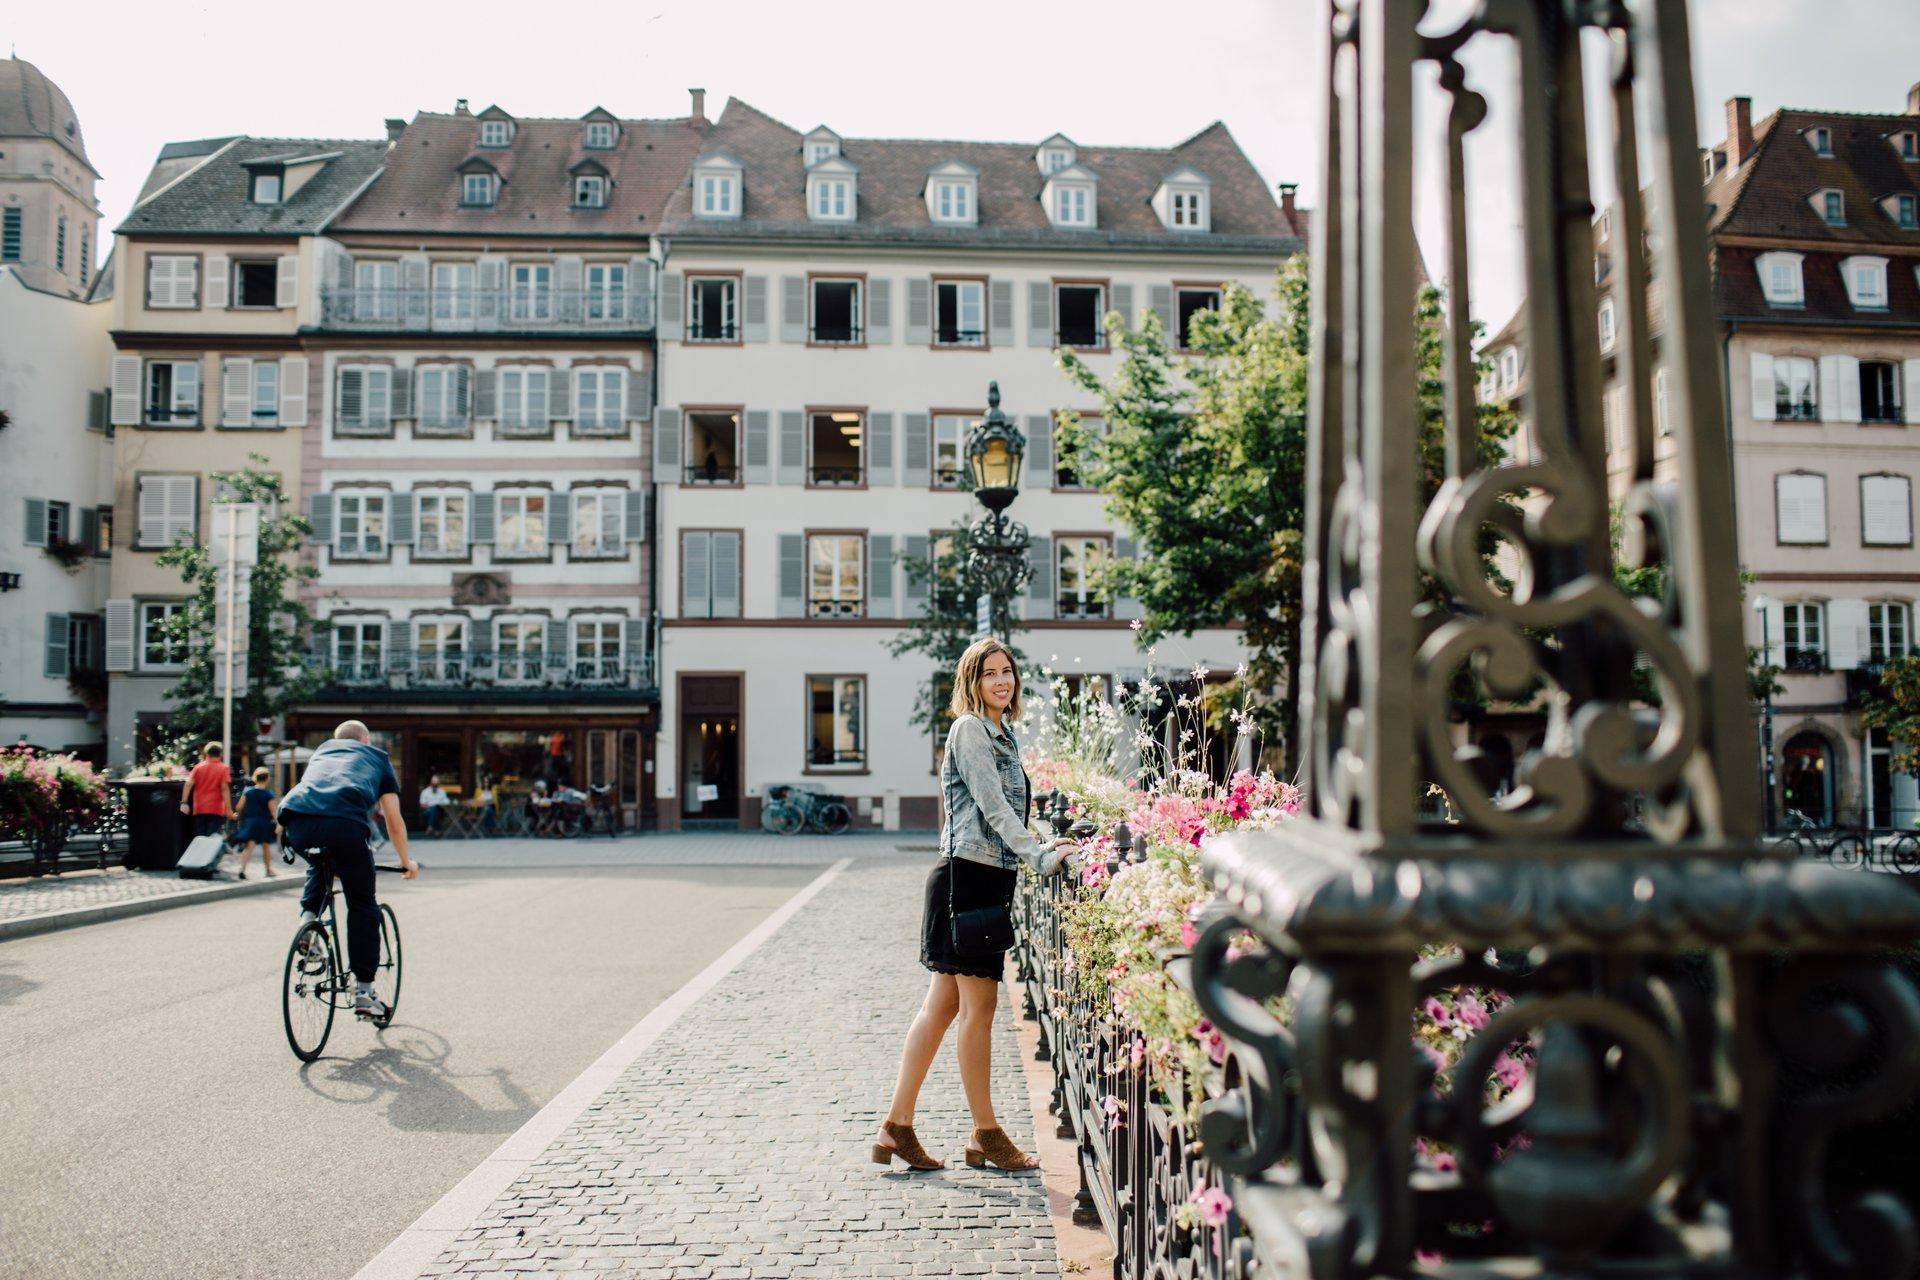 Flytographer Travel Story - Sabbatical in Strasbourg, France